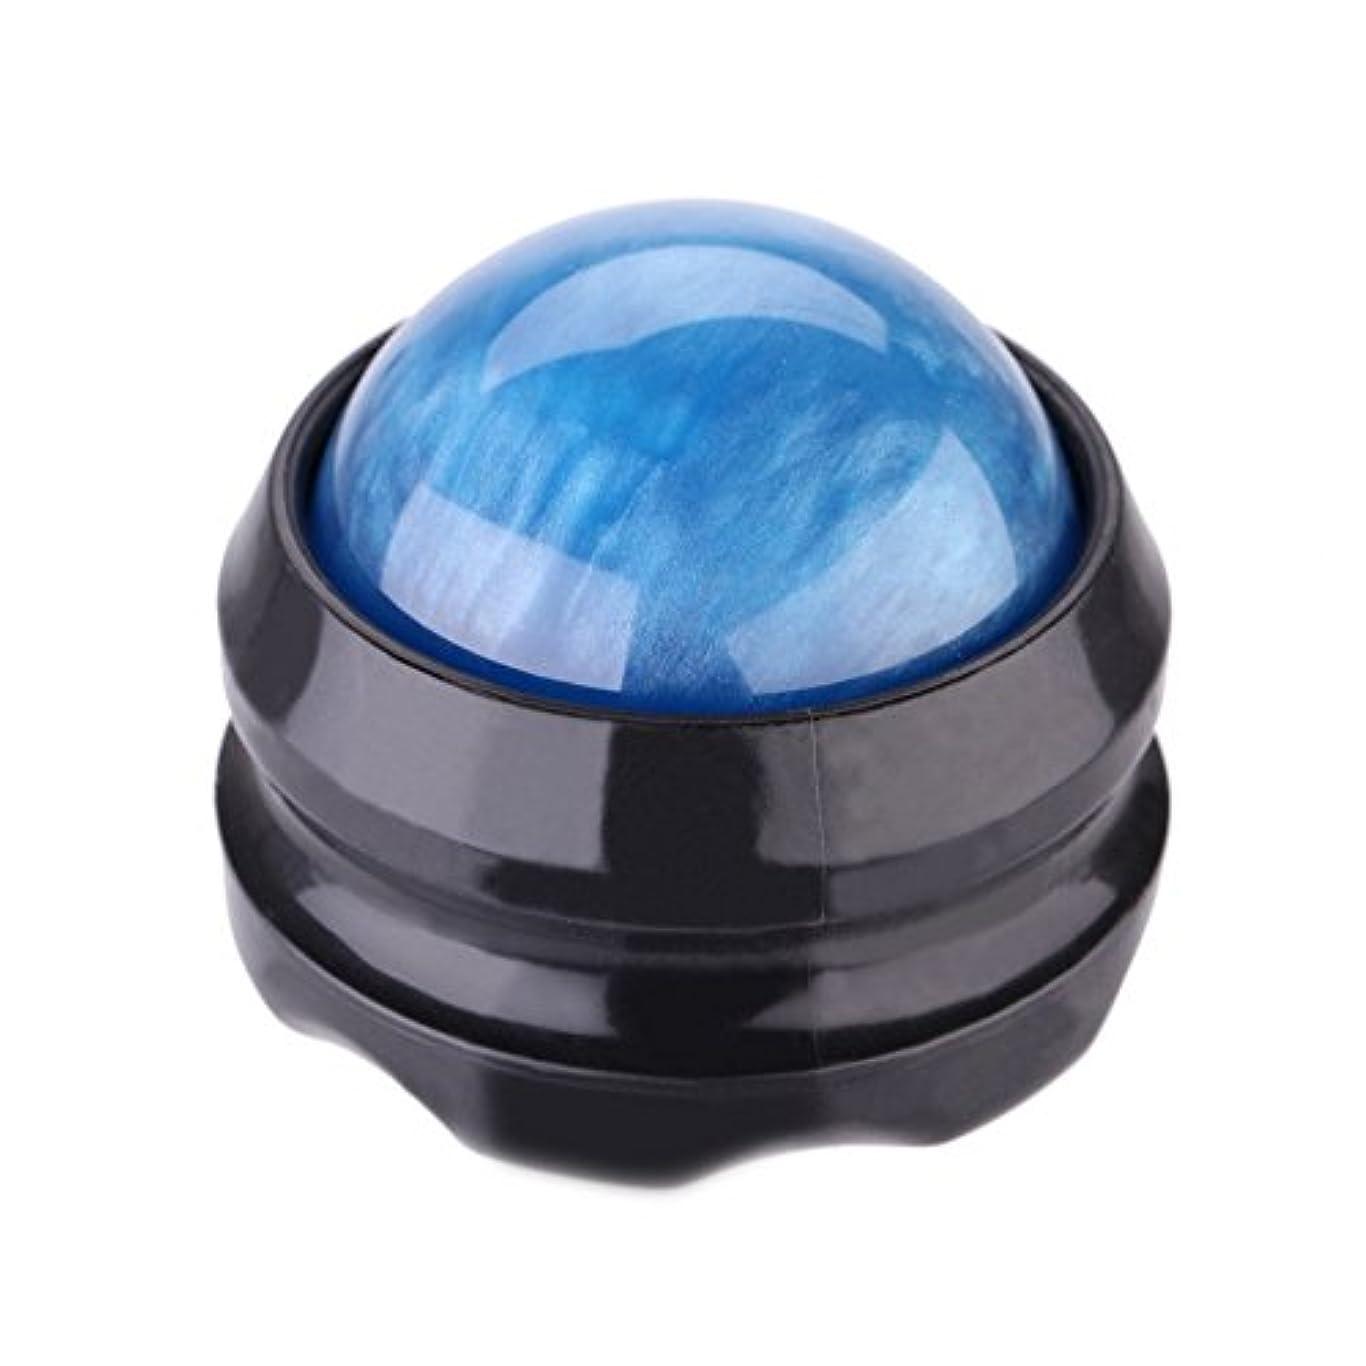 低下助言する略奪Flymylion マッサージ ボール 360度回転 背中 首 腰 筋膜リリース 健康器具 (青)